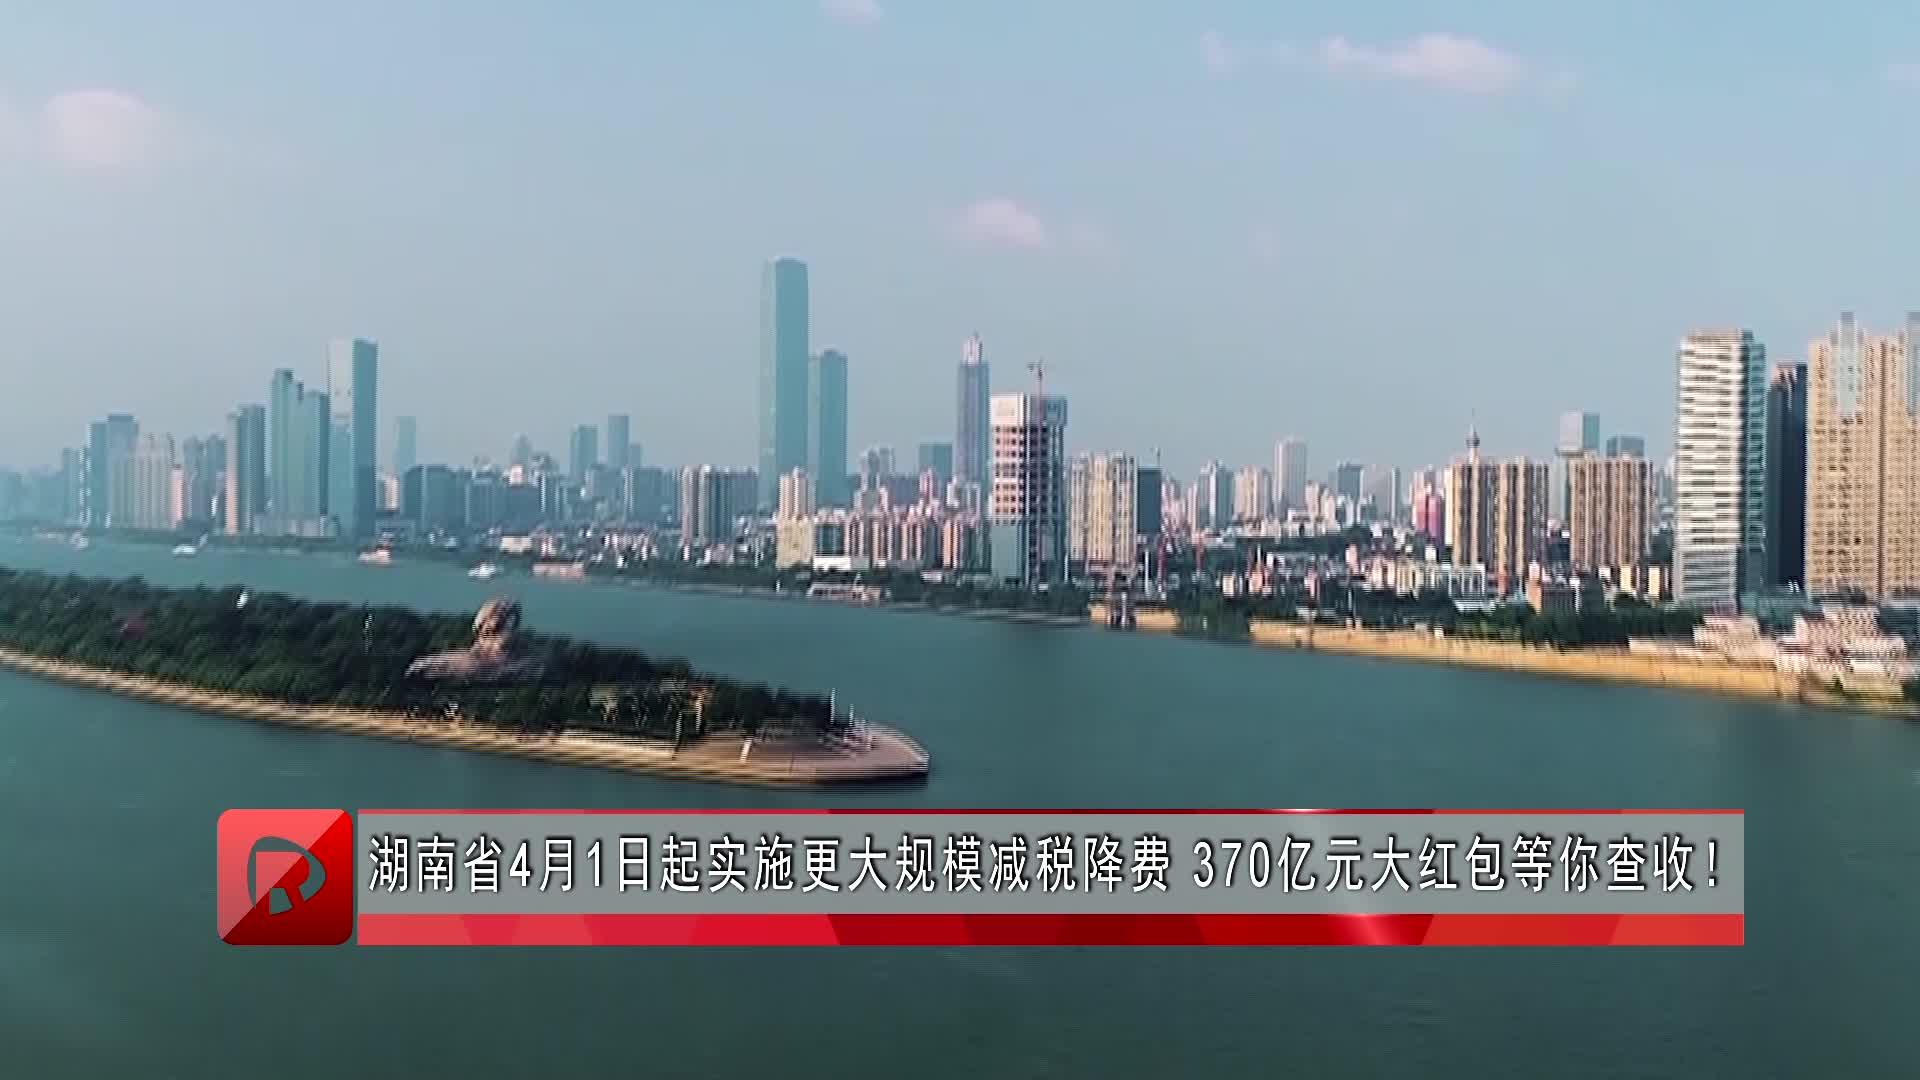 湖南省4月1日起实施更大规模减税降费 370亿元大红包等你查收!